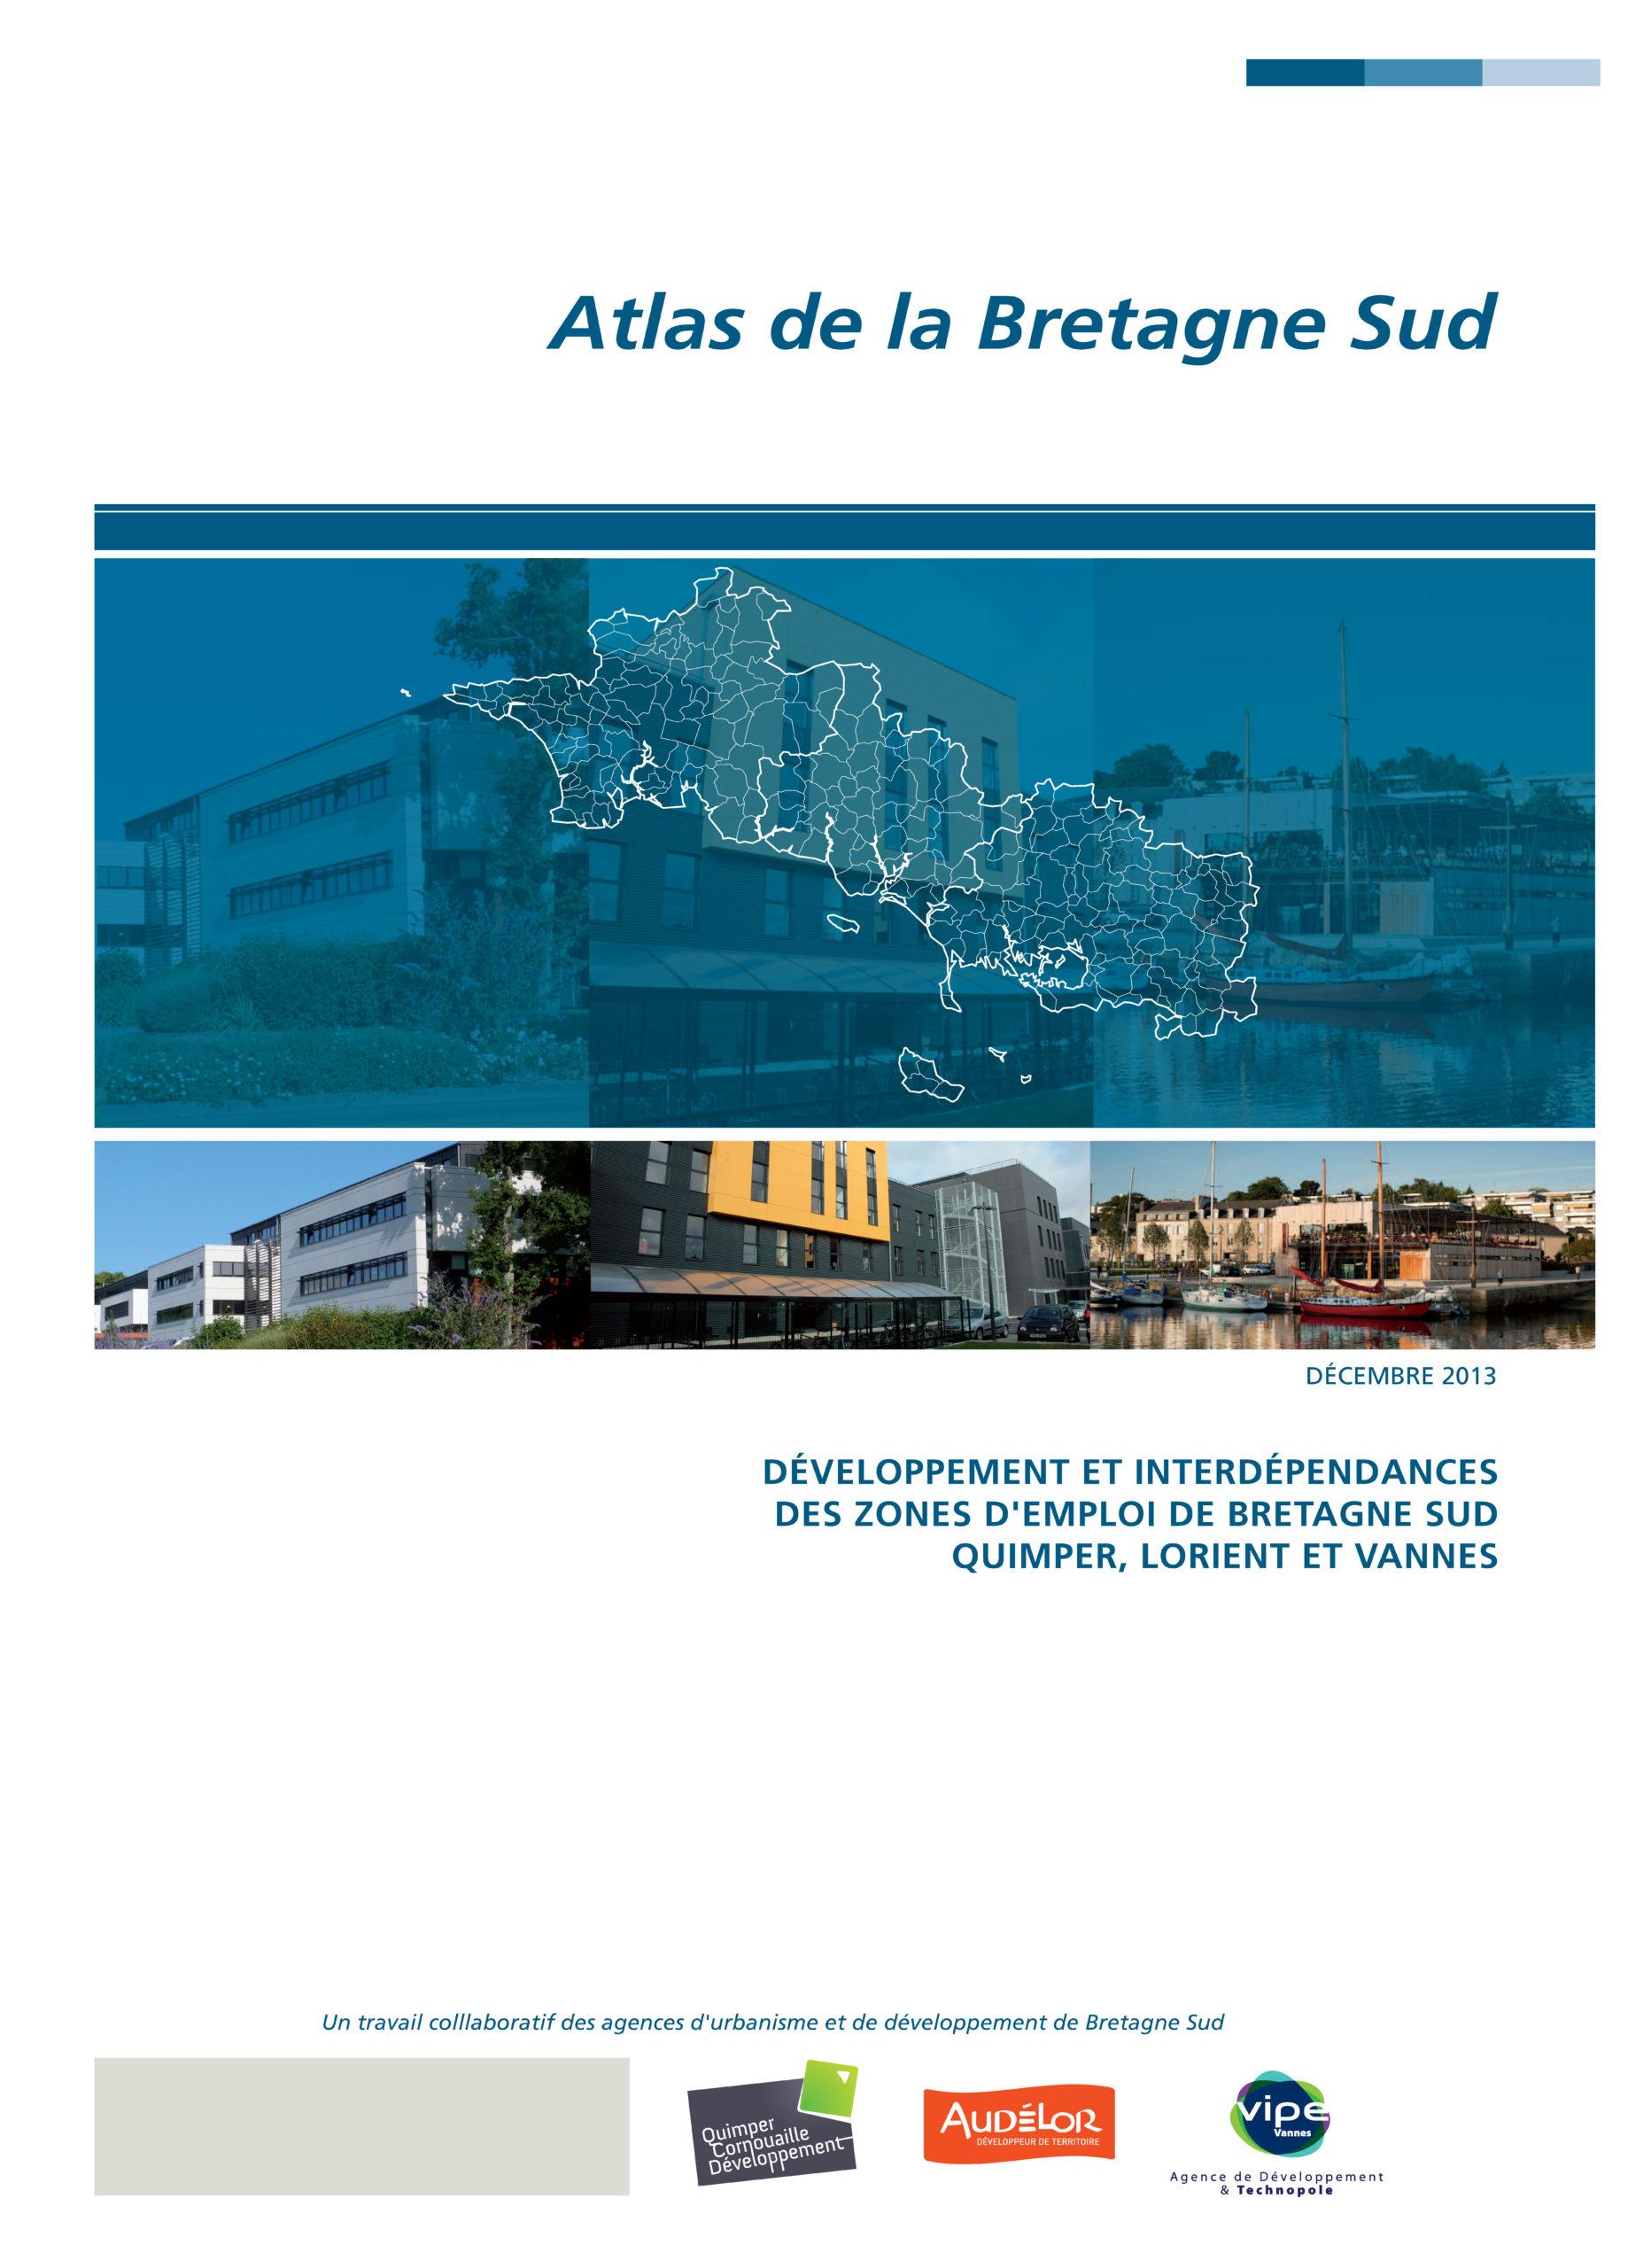 Atlas de la Bretagne Sud (2013)